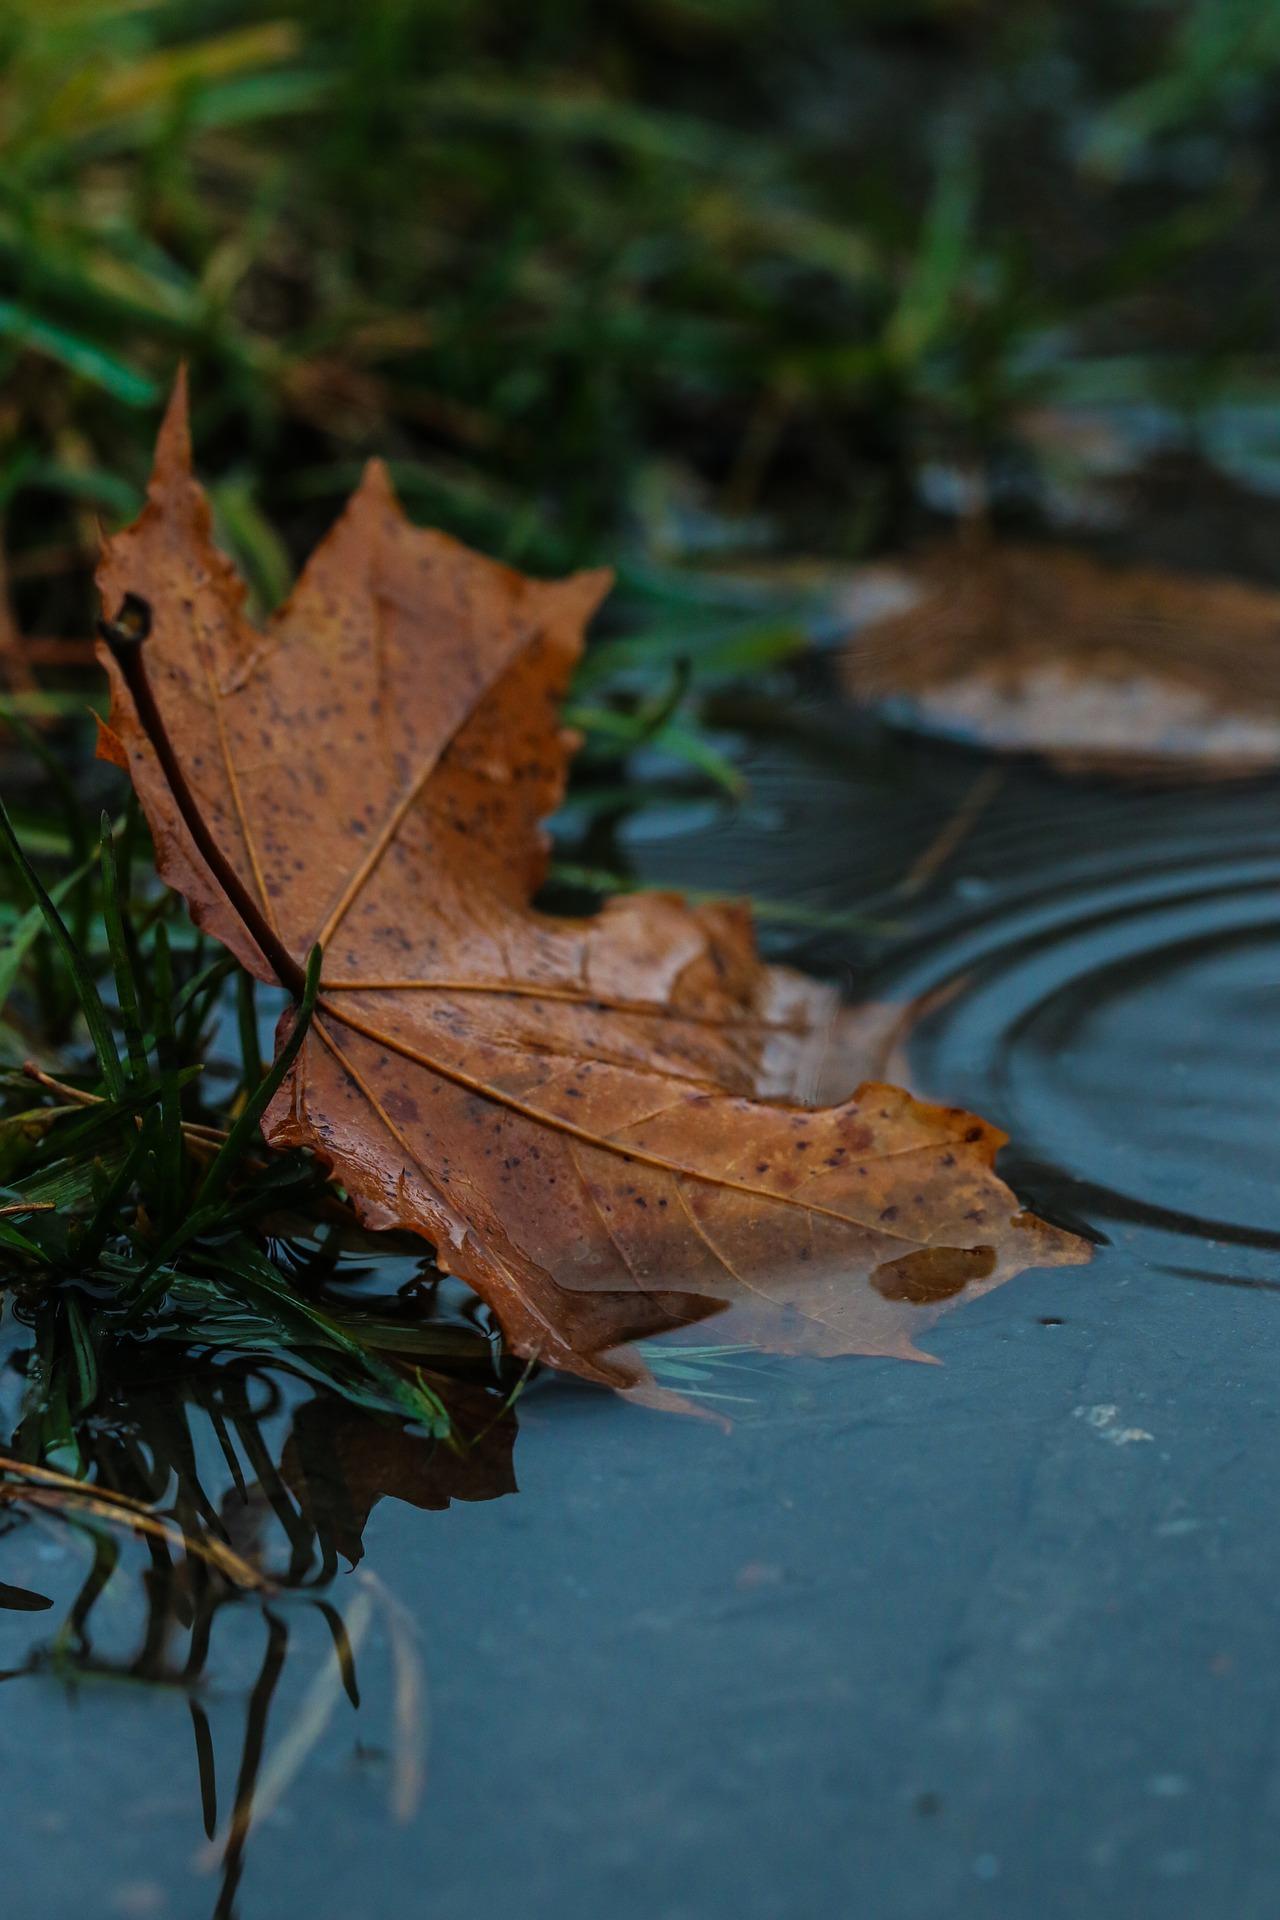 Tout l'automne à la fin n'est plus qu'une tisane froide. Francis Ponge